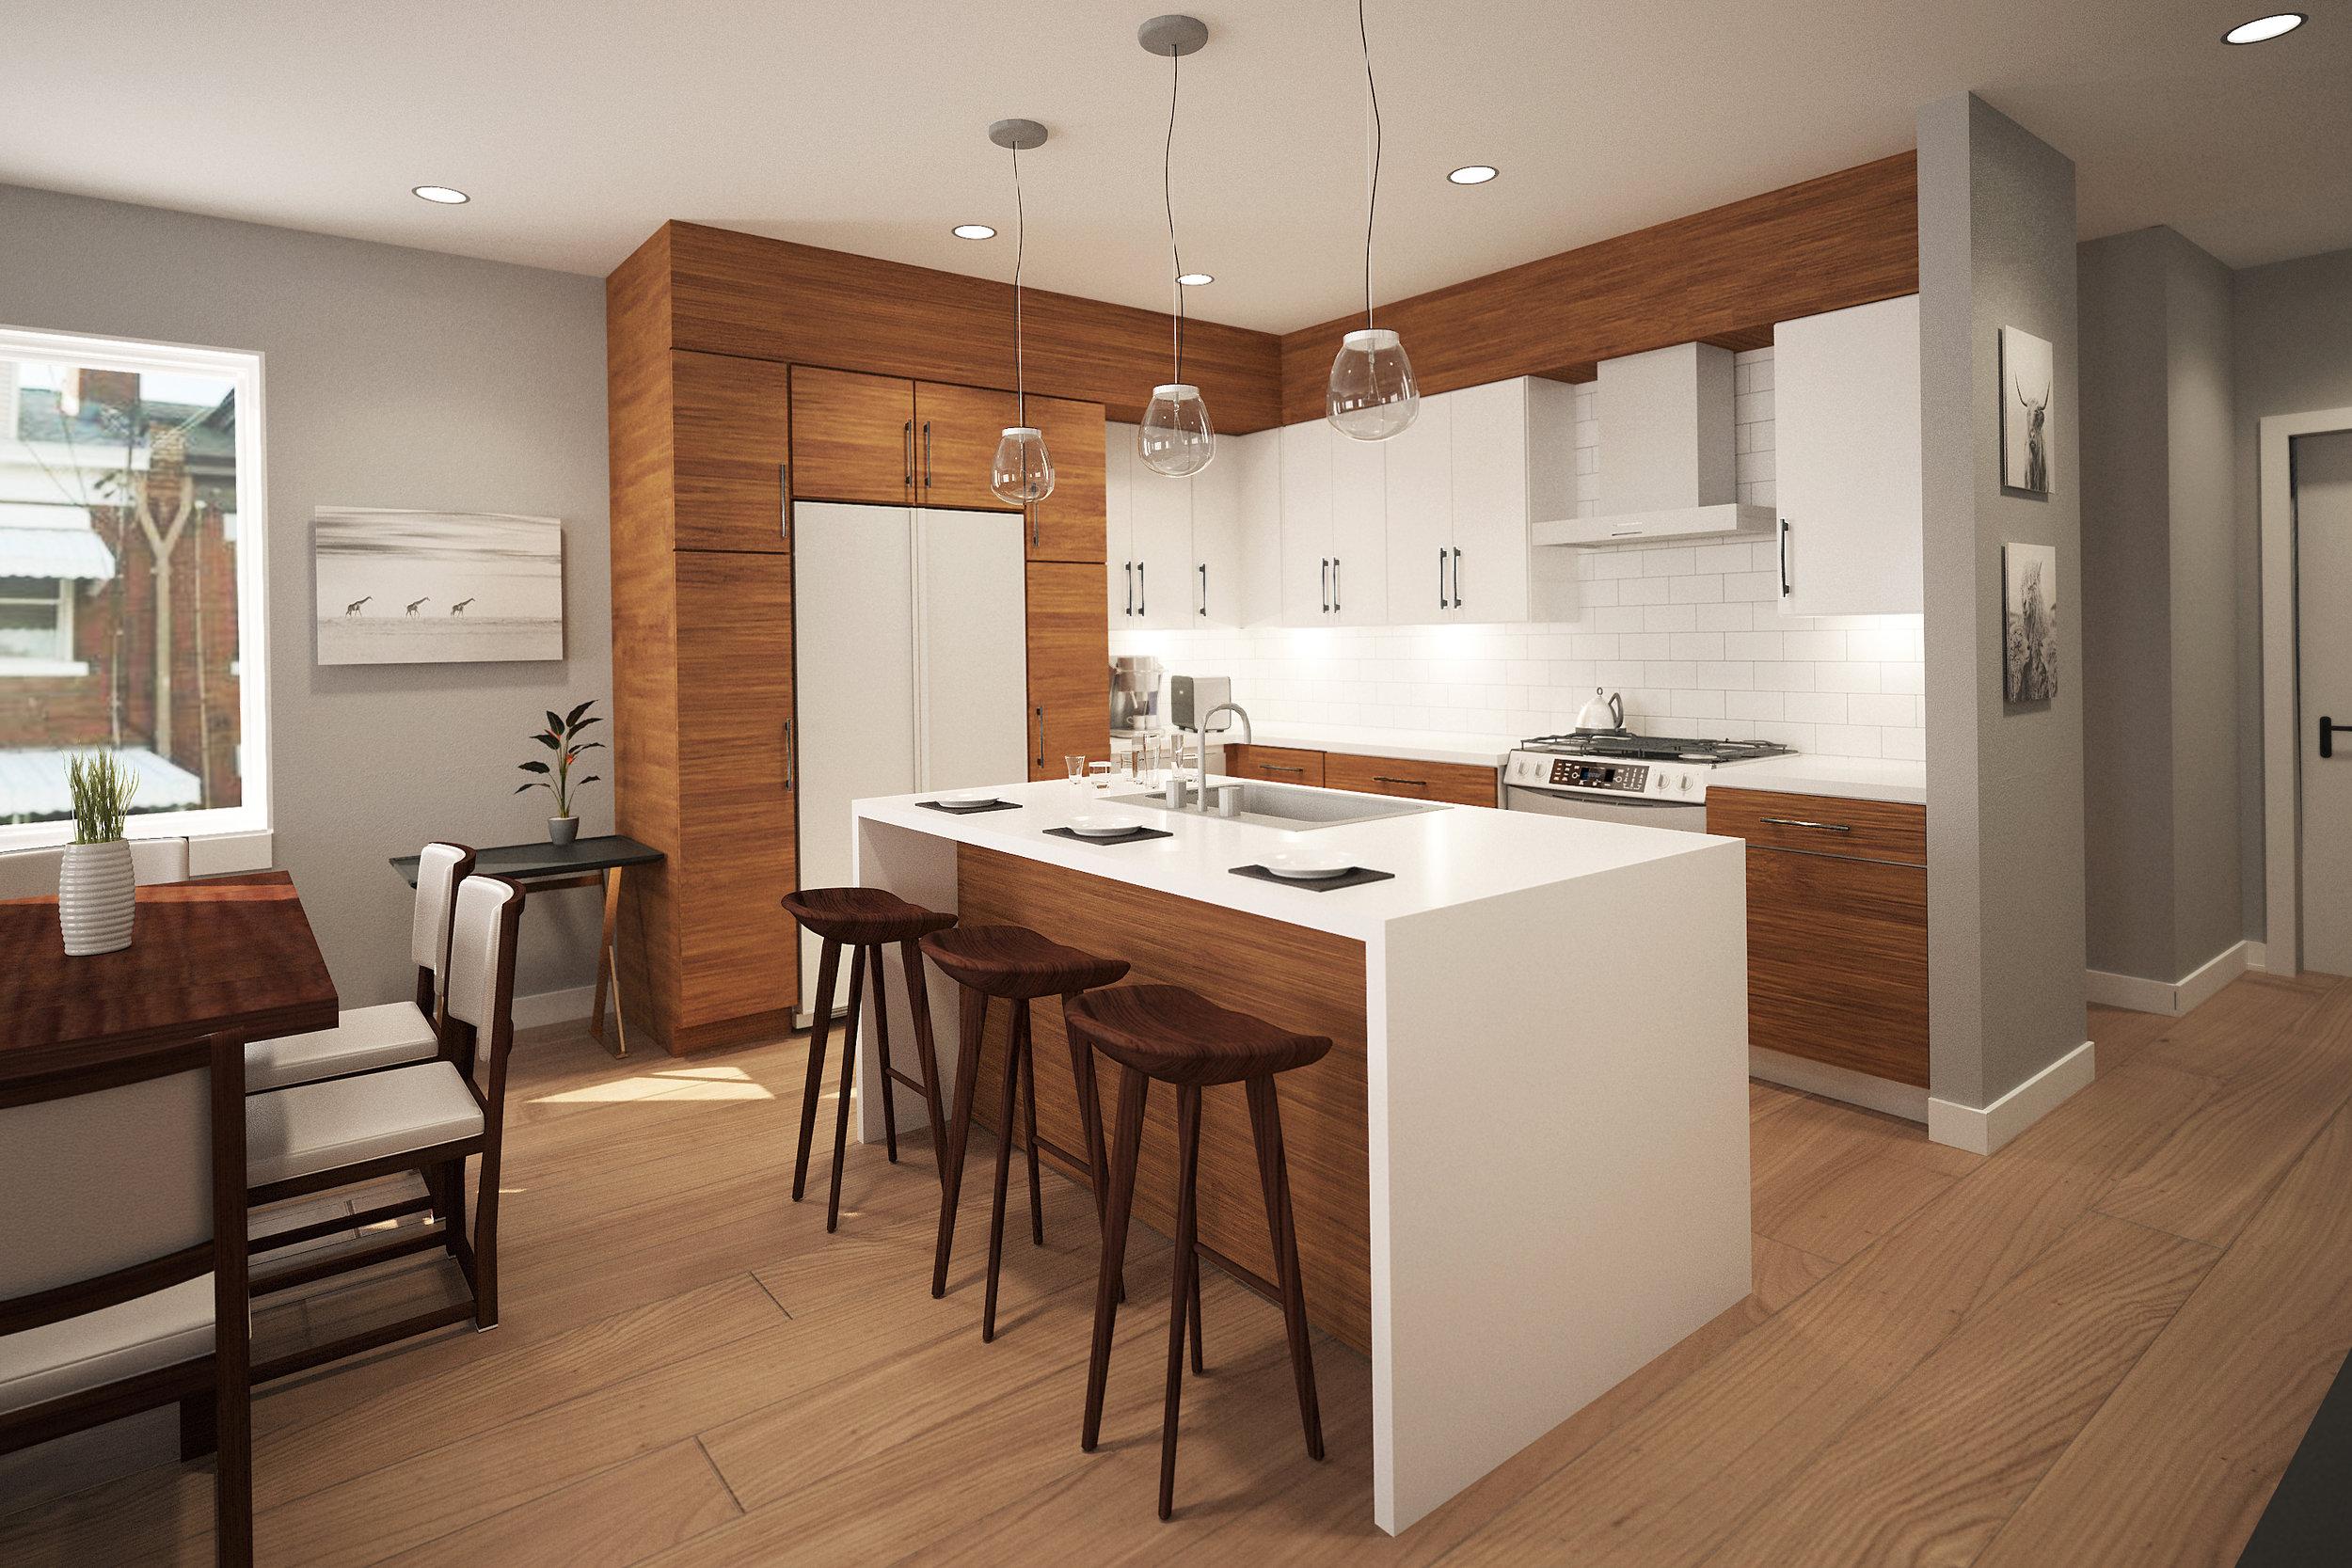 316_Kitchen_04.jpg